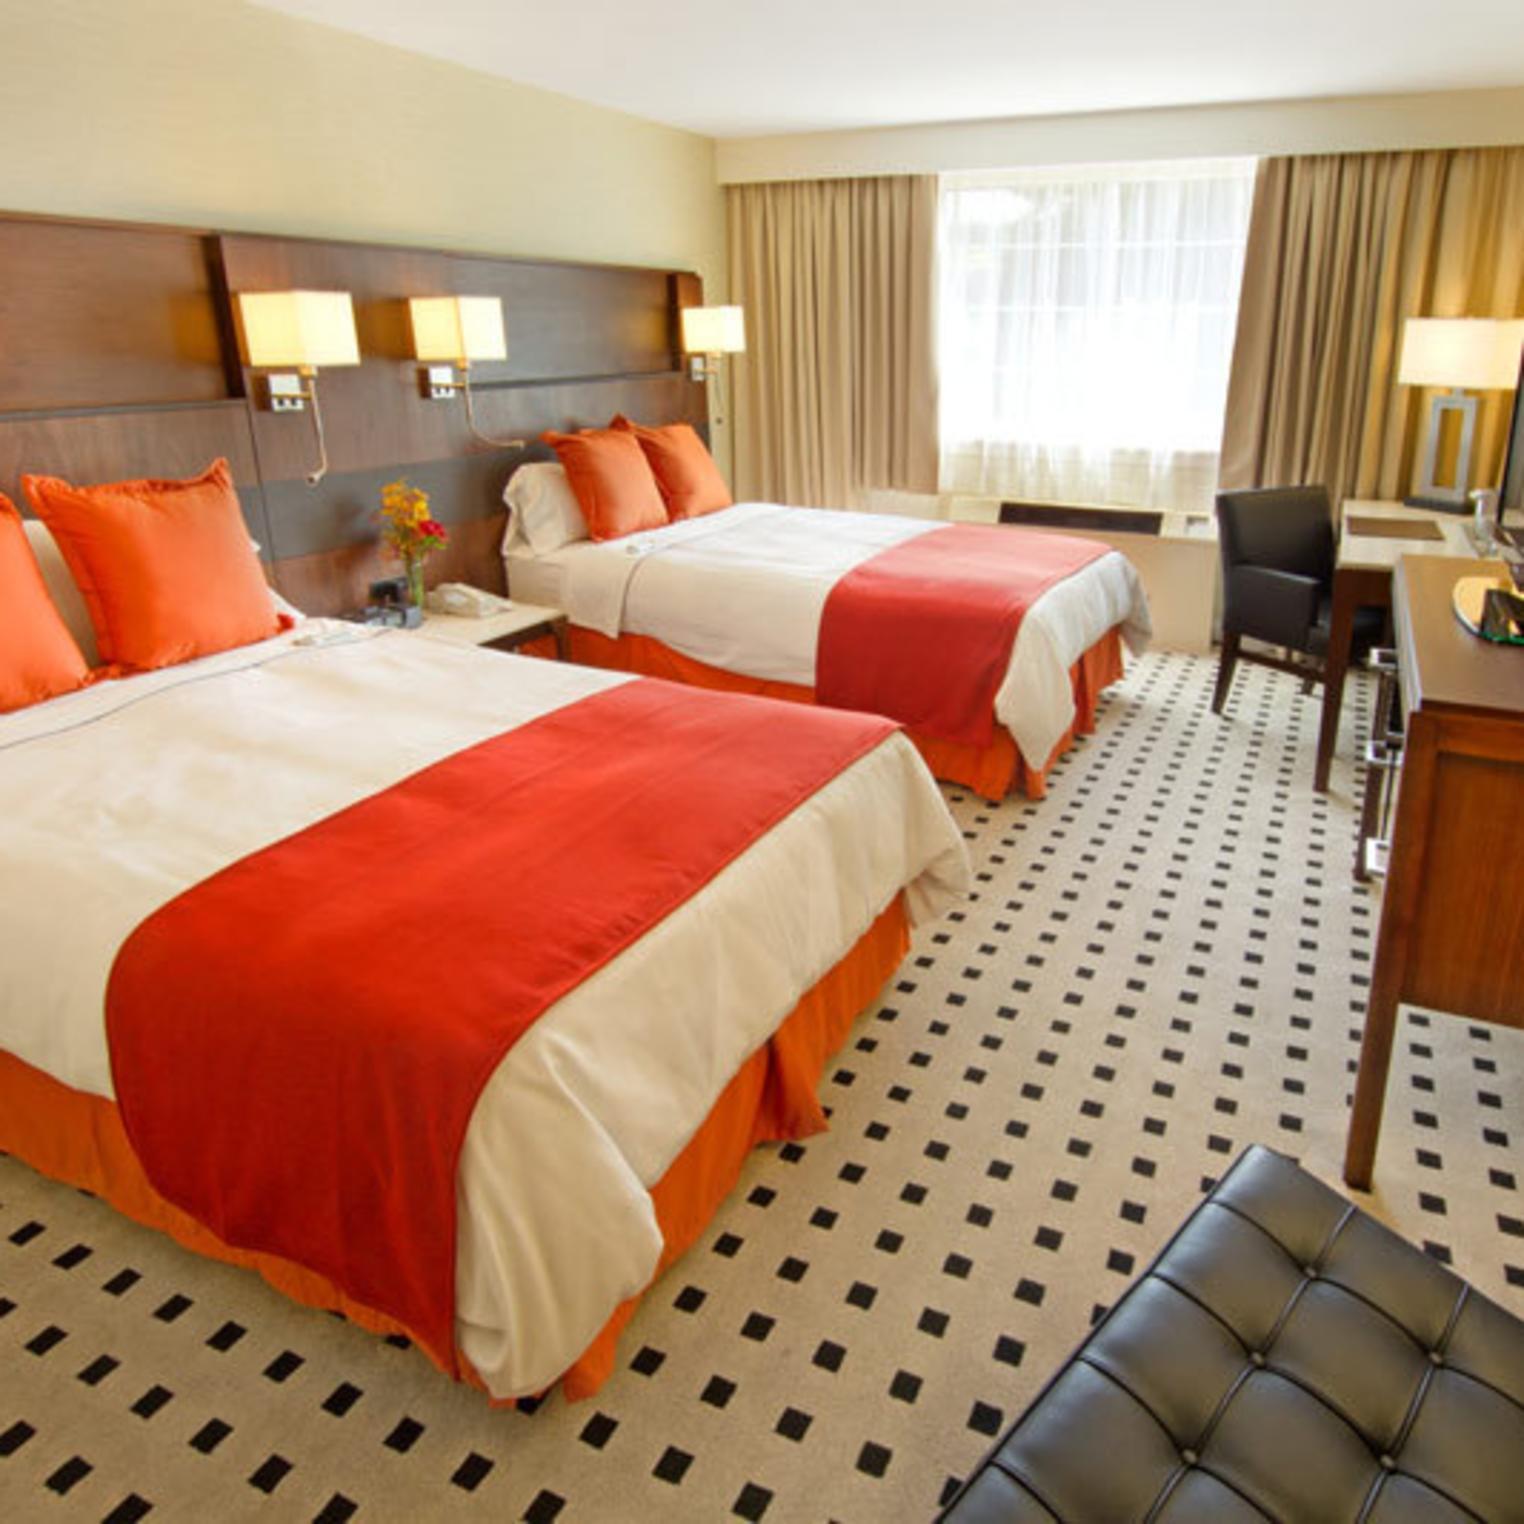 Radisson Hotel Double